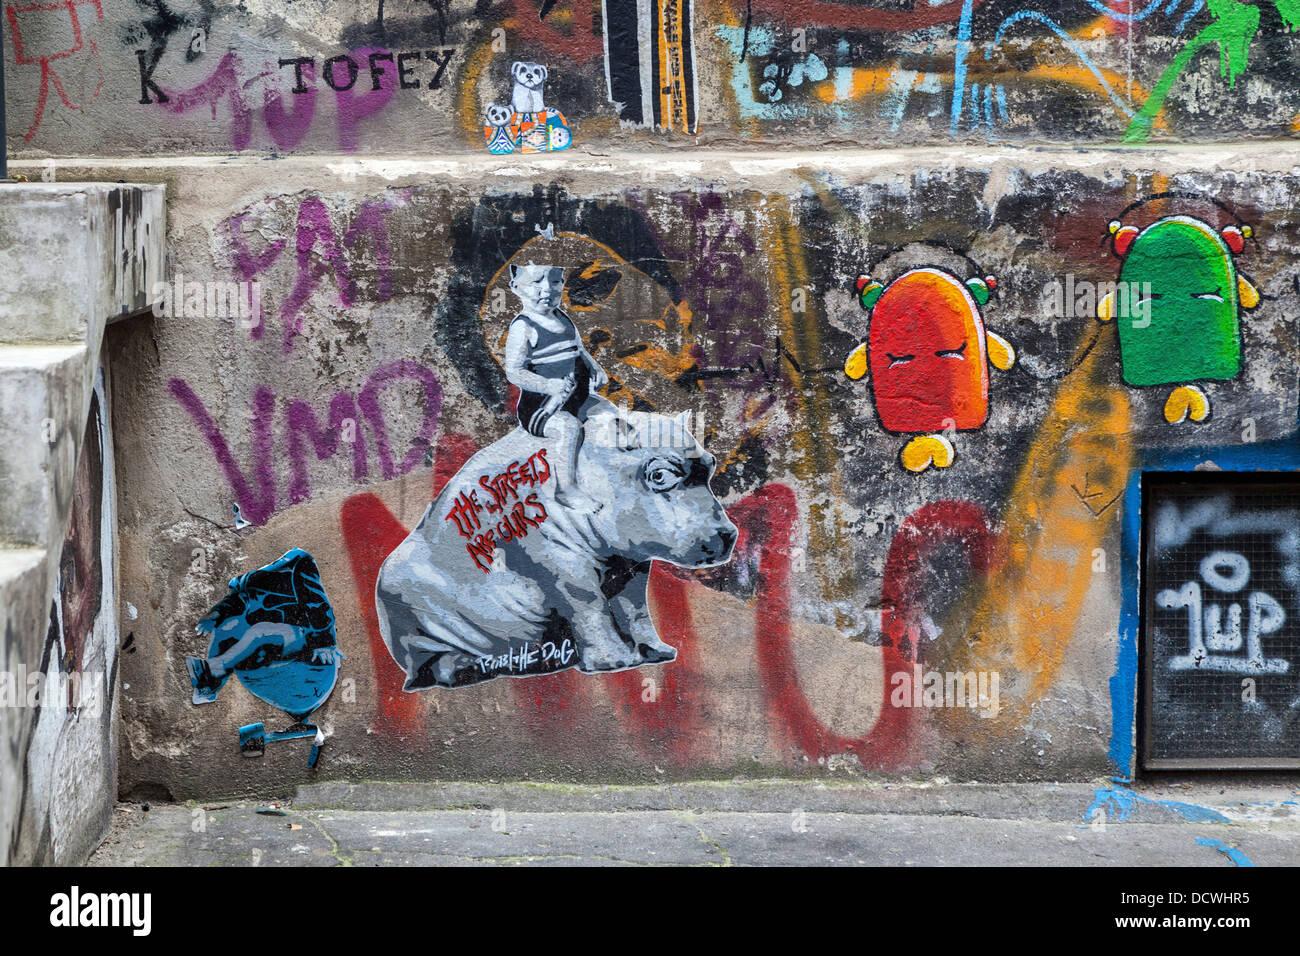 L'art de rue dans la cour intérieure de l'Haus Schwarzenberg, Rosenthaler Strasse, Berlin Photo Stock